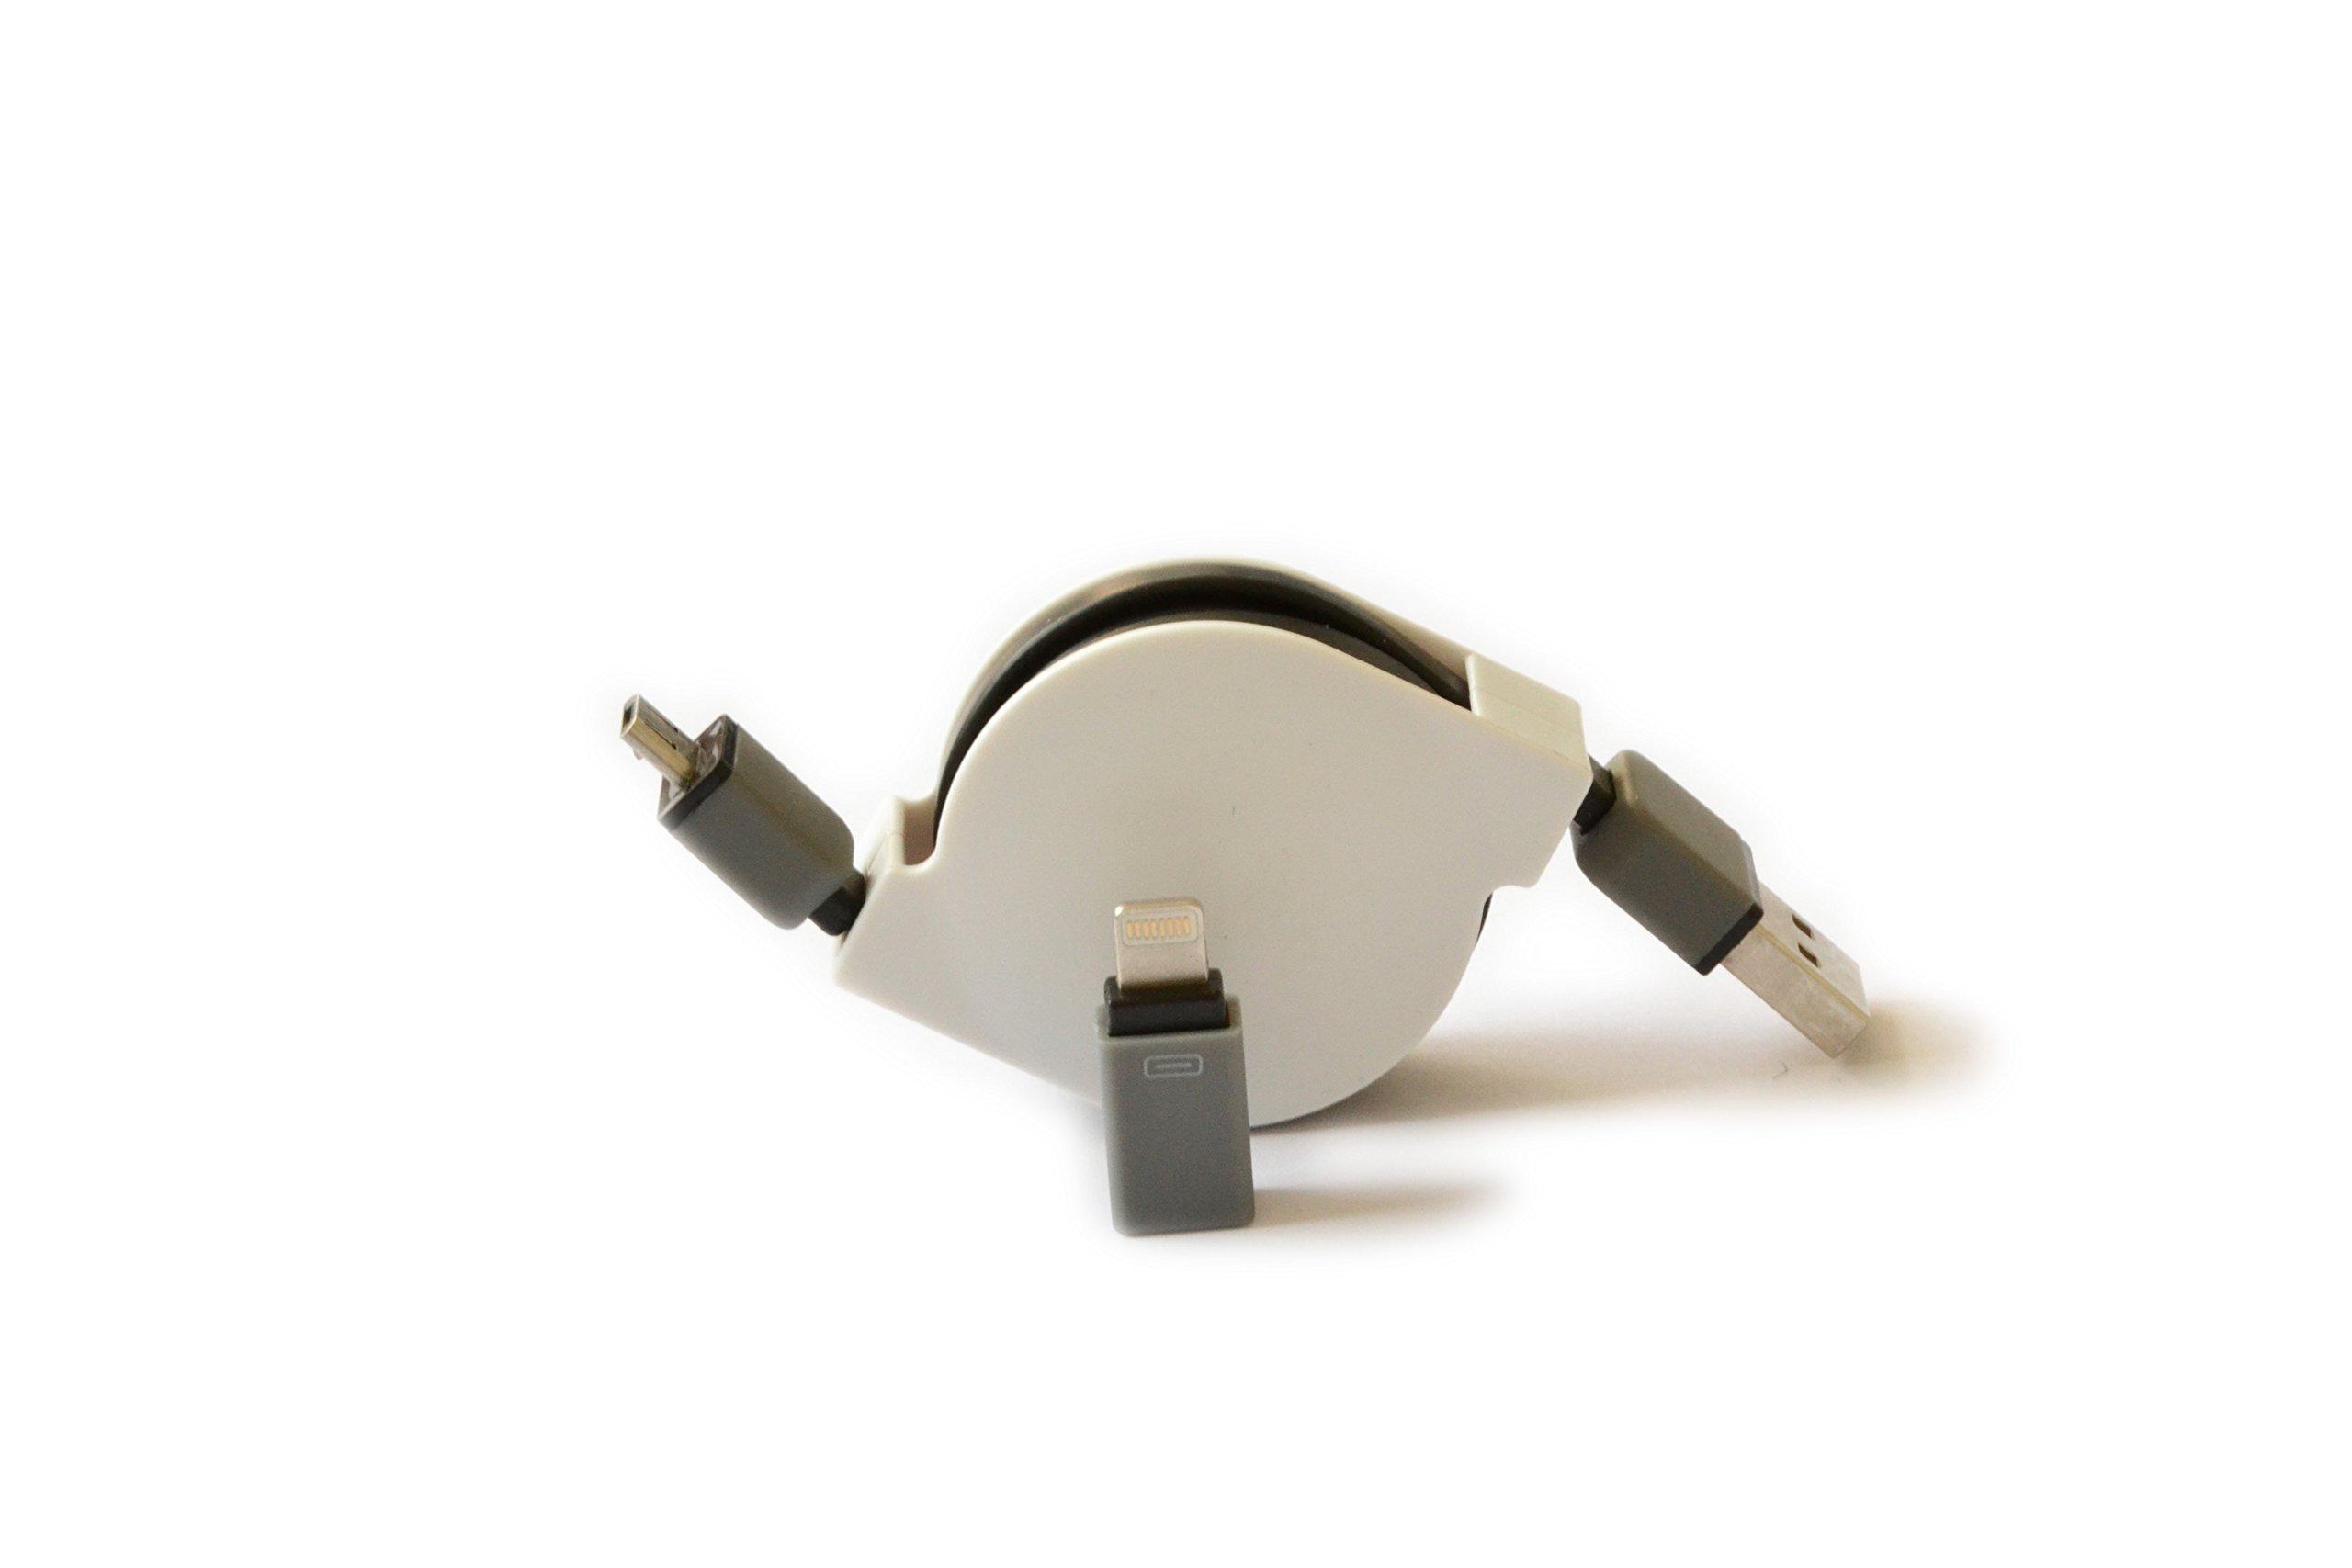 2 in 1 cavo di carica USB Data caricabatteria adattatore per iPhone 6s, 6, 5s lightning 8 pin - Mic